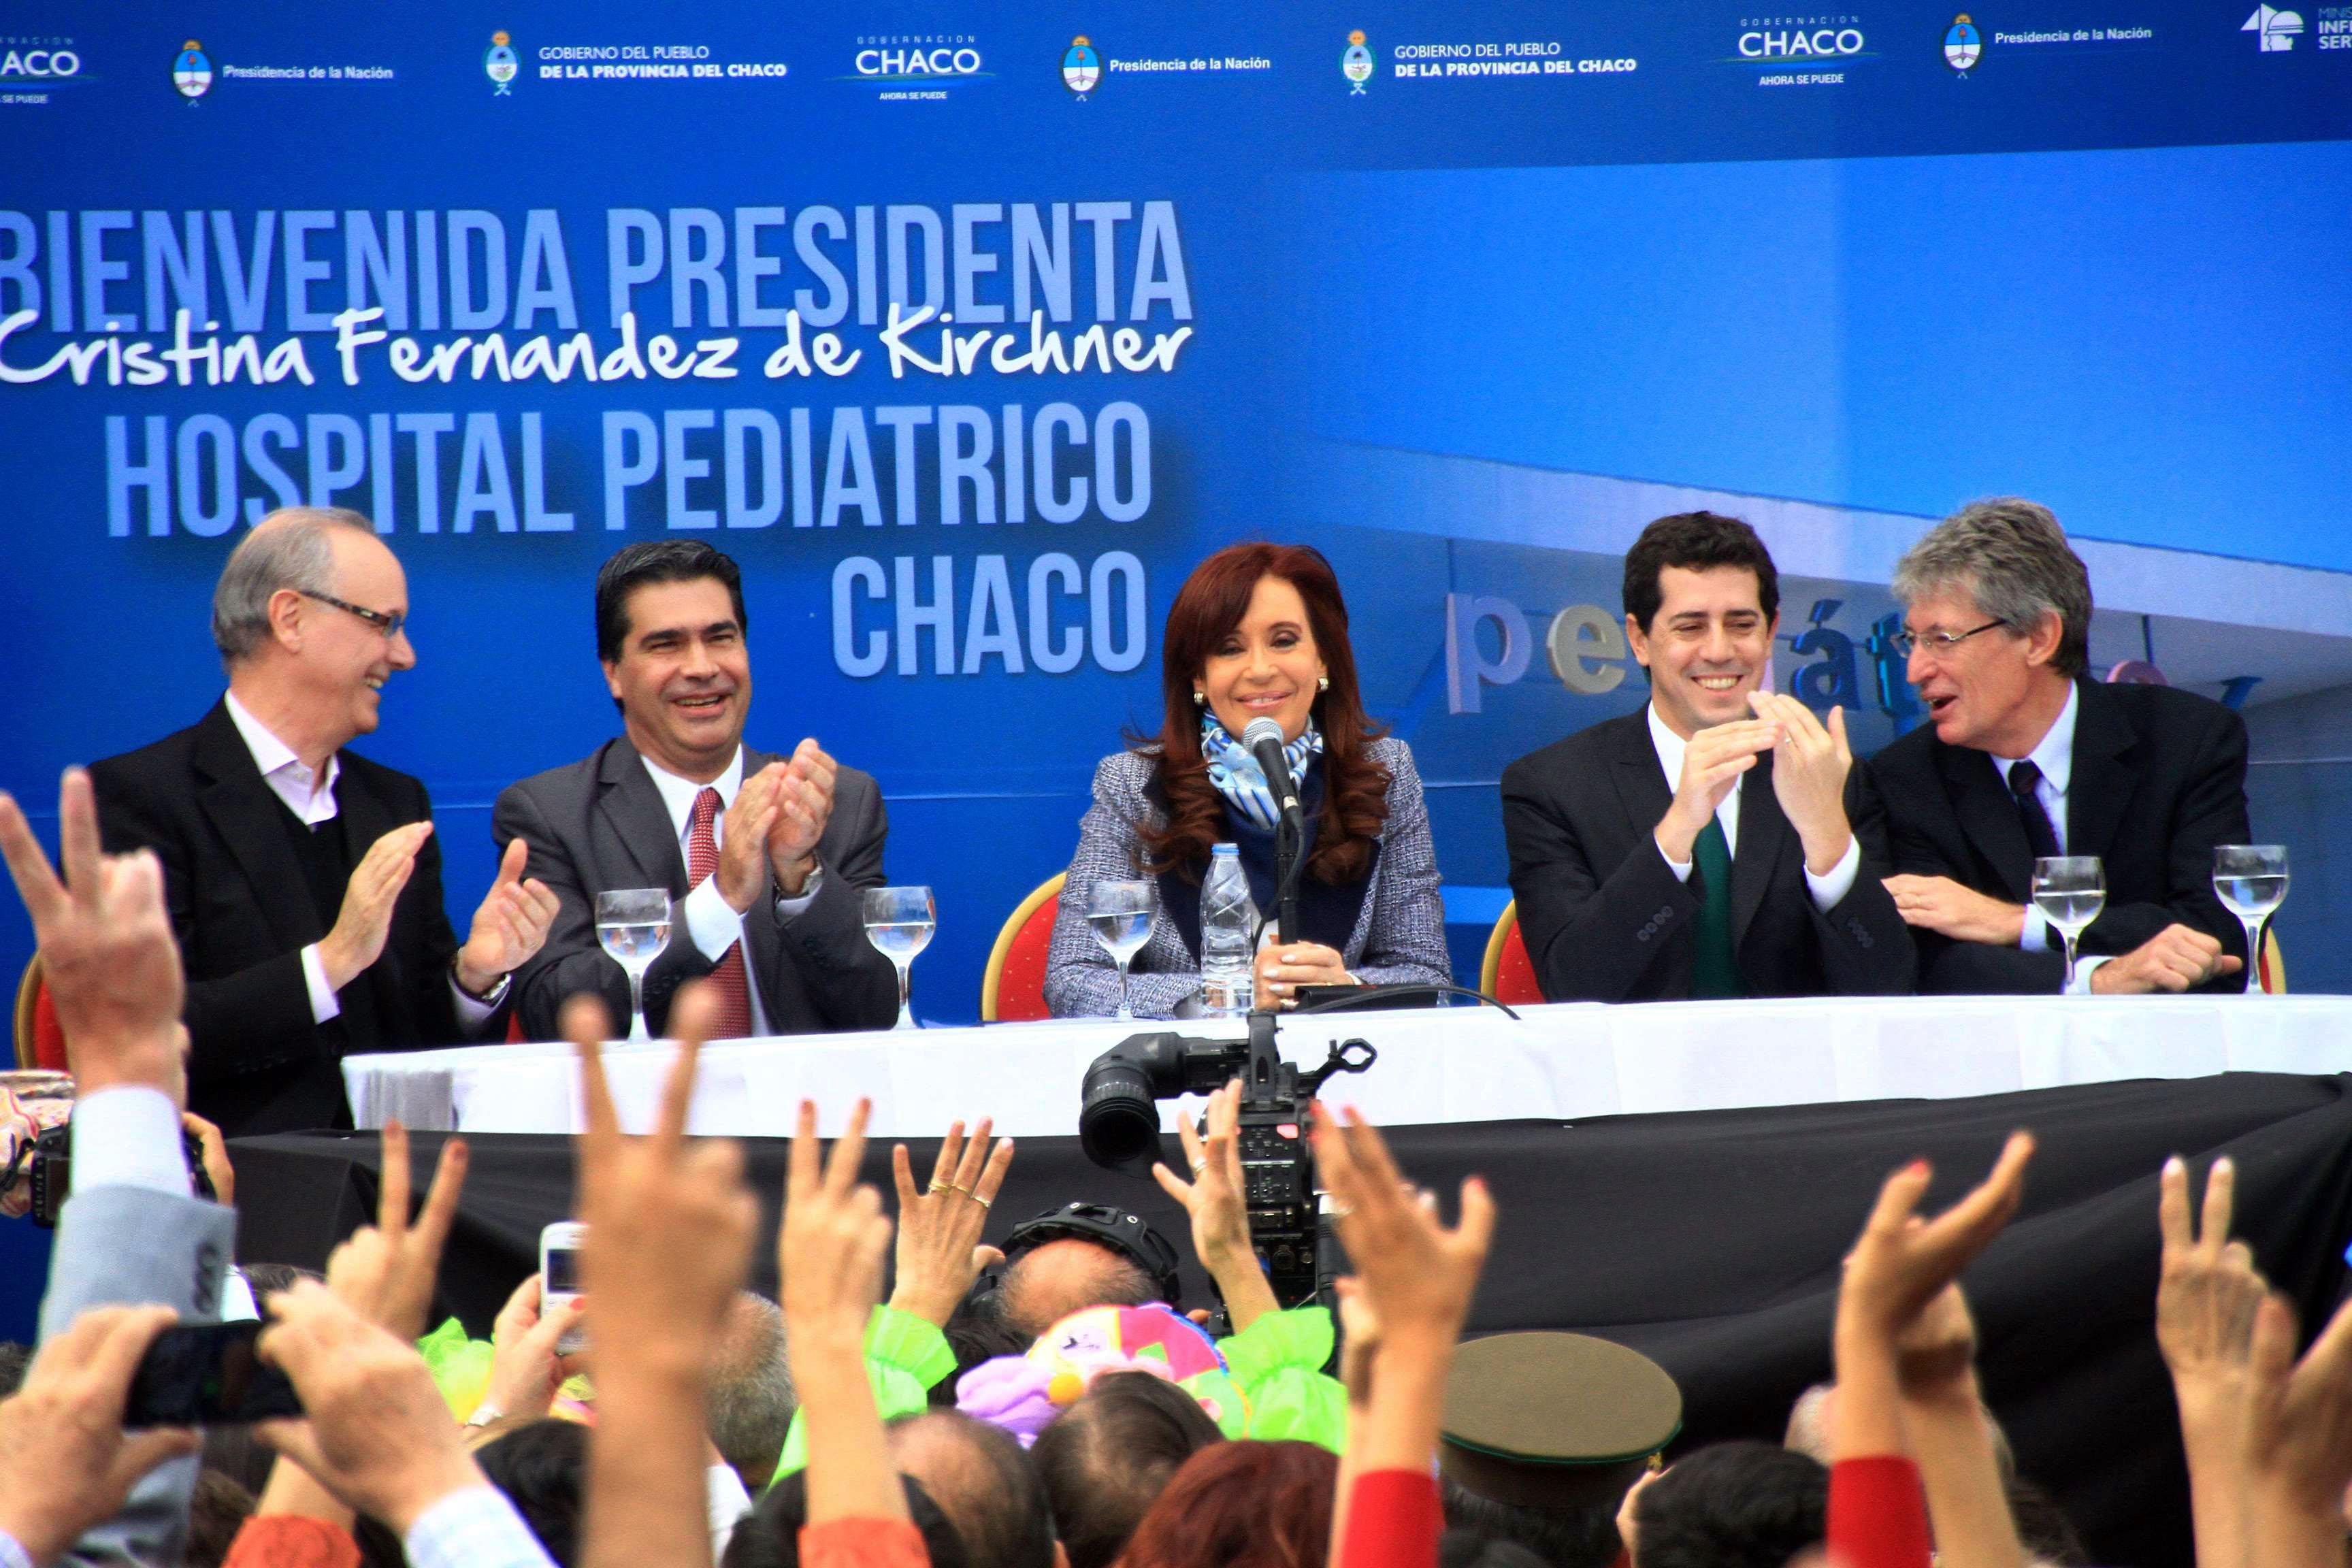 07-05-2015_resistencia_chaco_la_presidenta_cristina (2)